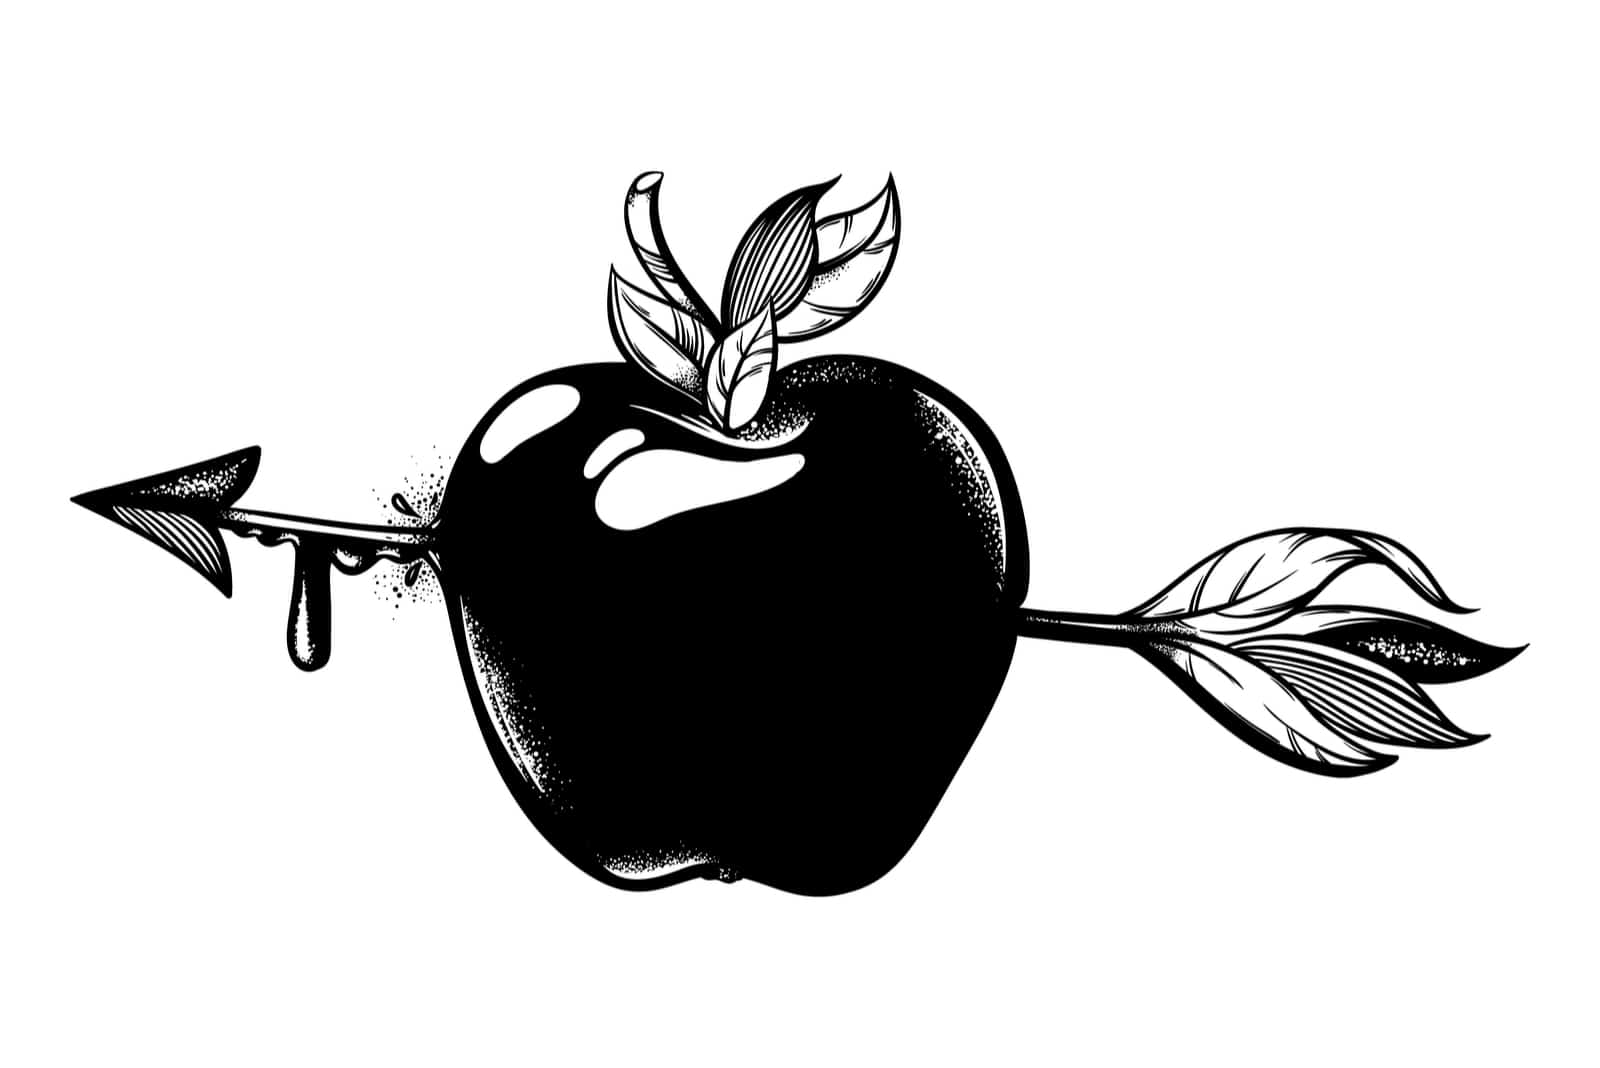 une image d'une pomme percée d'une flèche